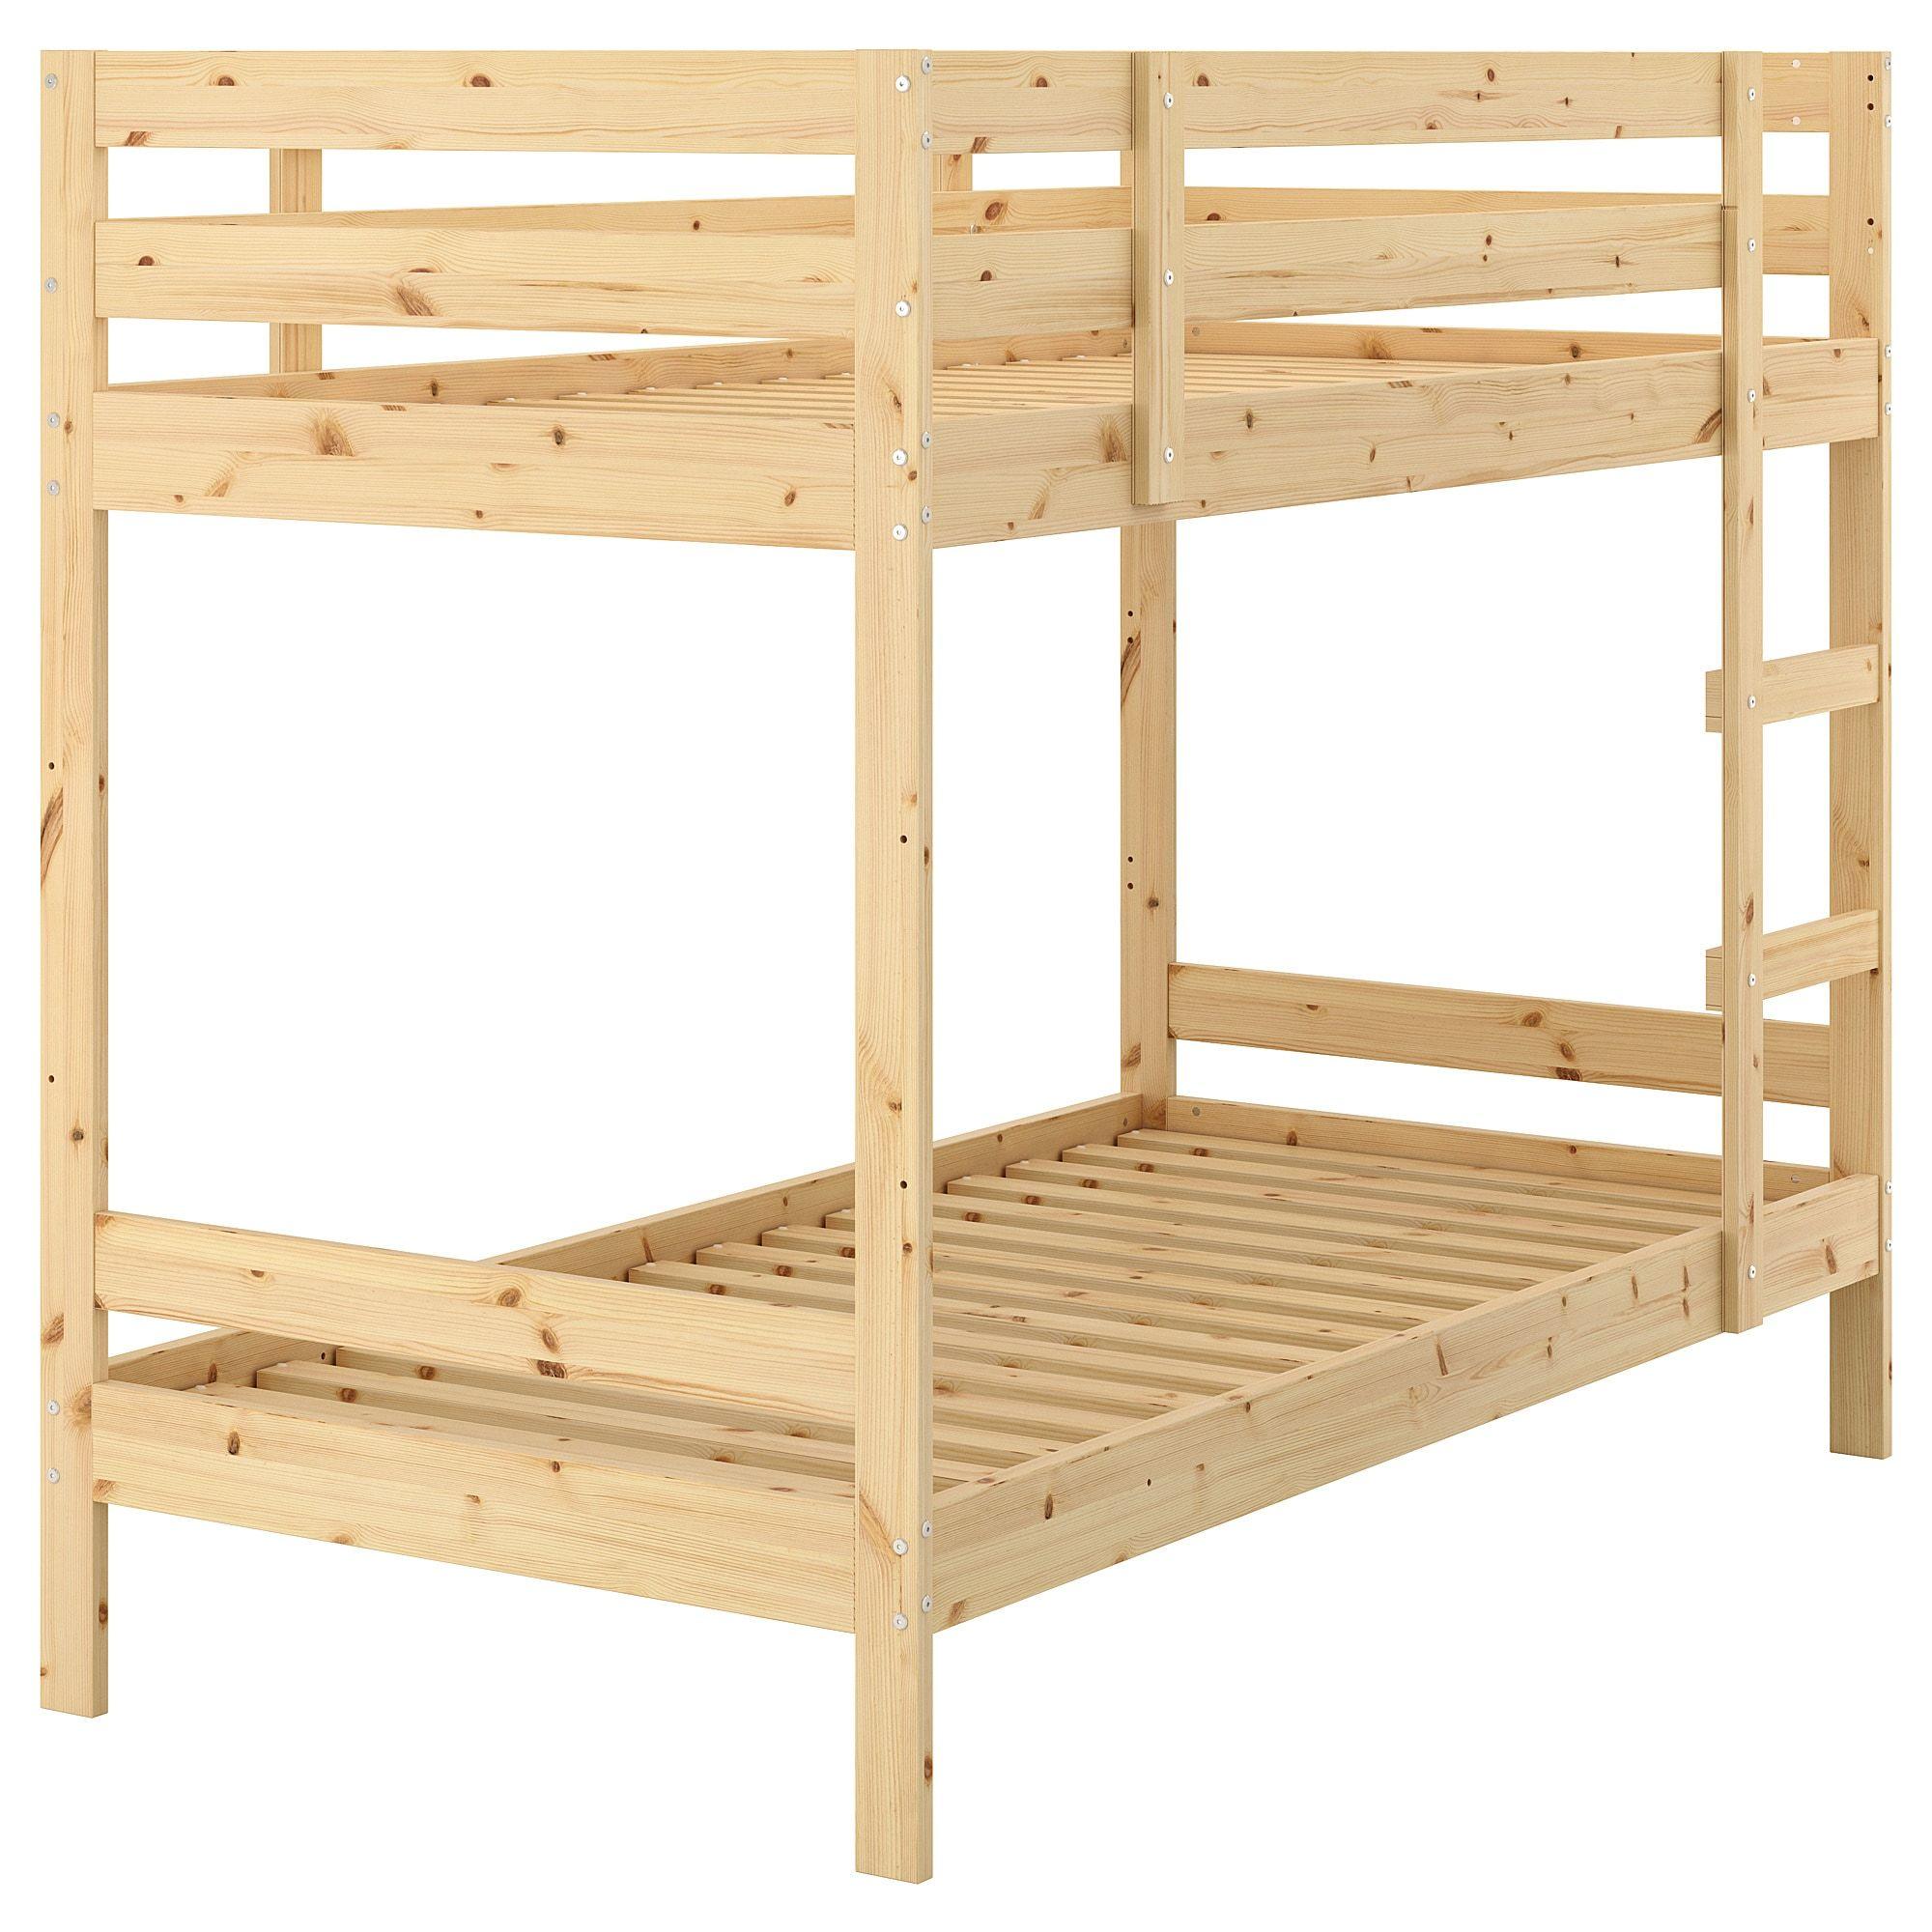 Superieur MYDAL Bunk Bed Frame Pine 90 X 200 Cm   IKEA